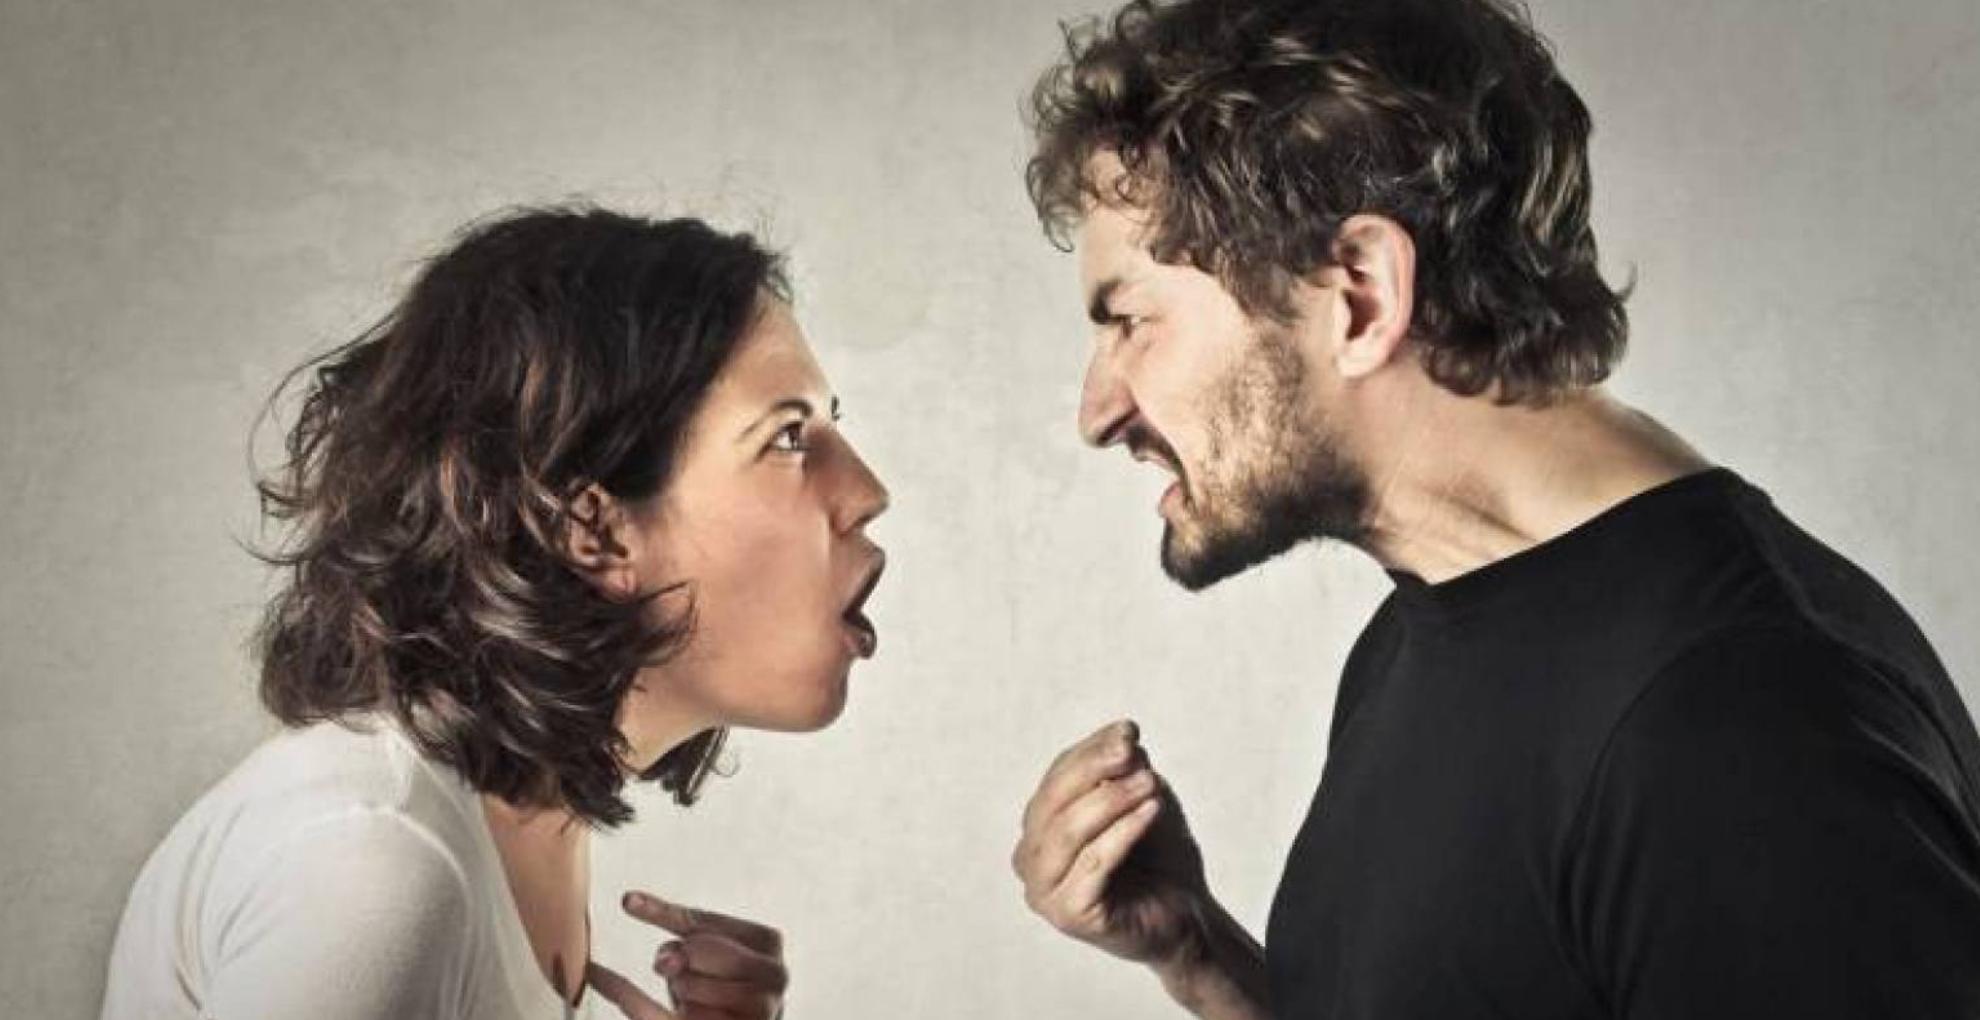 Relationship Tips: इन 5 वजहों से पार्टनर संग होते हैं झगड़े, इनसे रहें दूर और रखें रिश्ते की खूबसूरती बरकरार